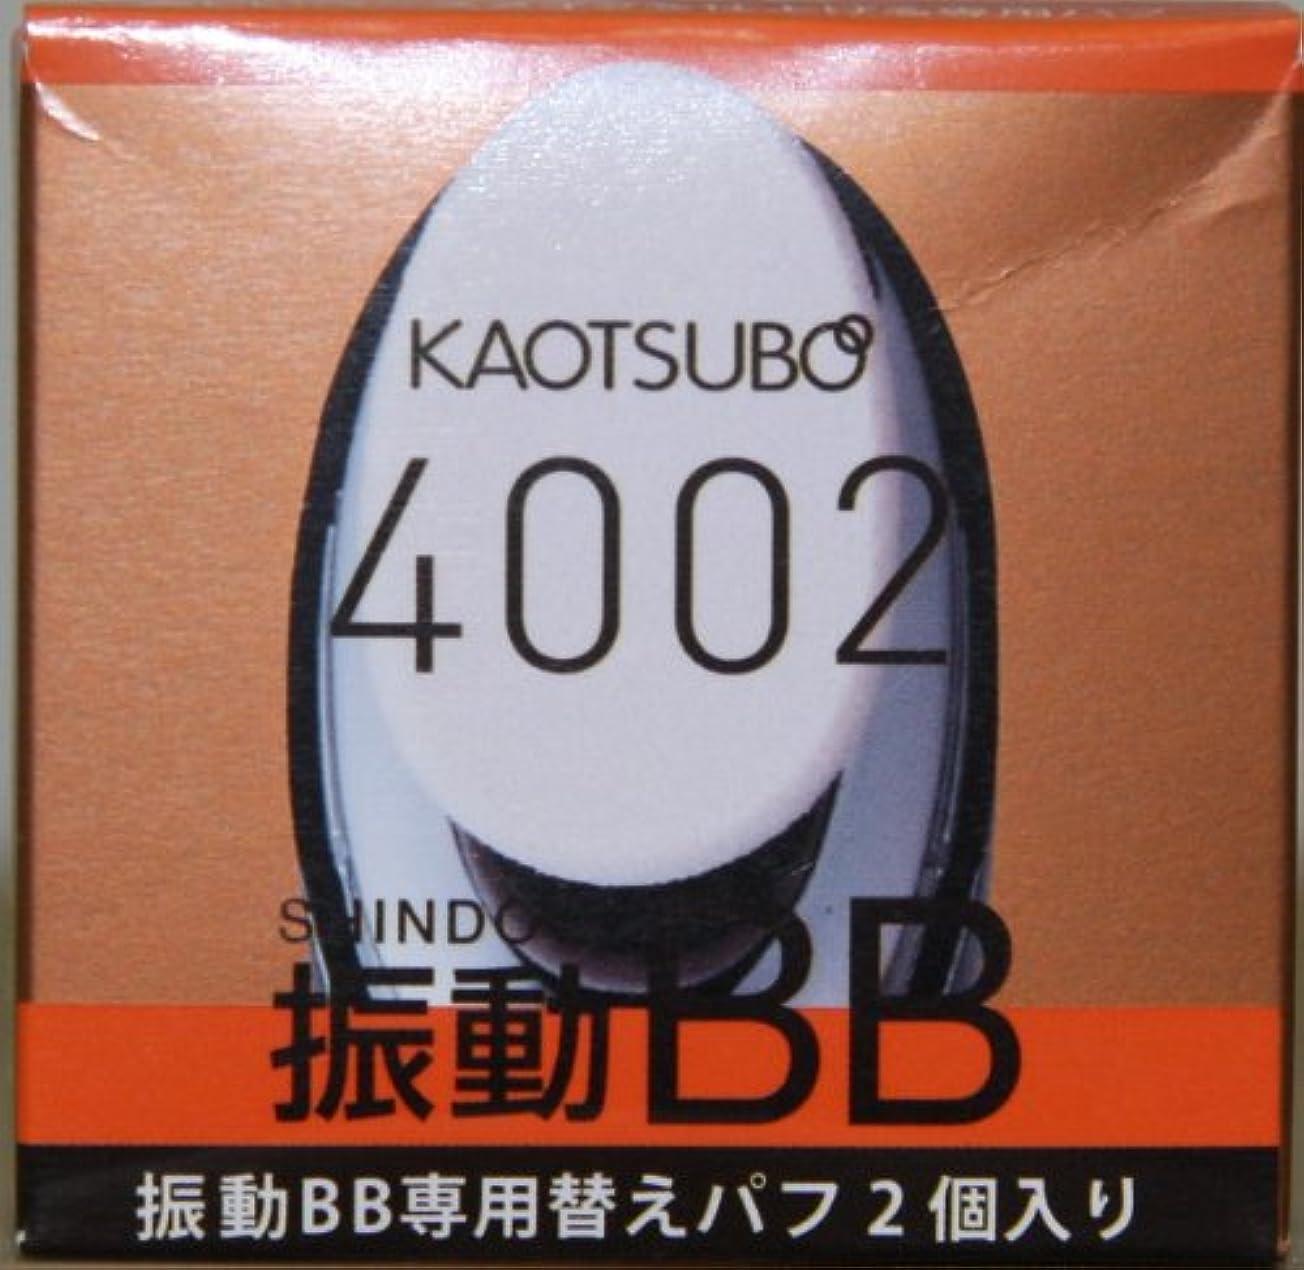 現金テザーショート4002 振動BB 専用パフ (交換用2個)